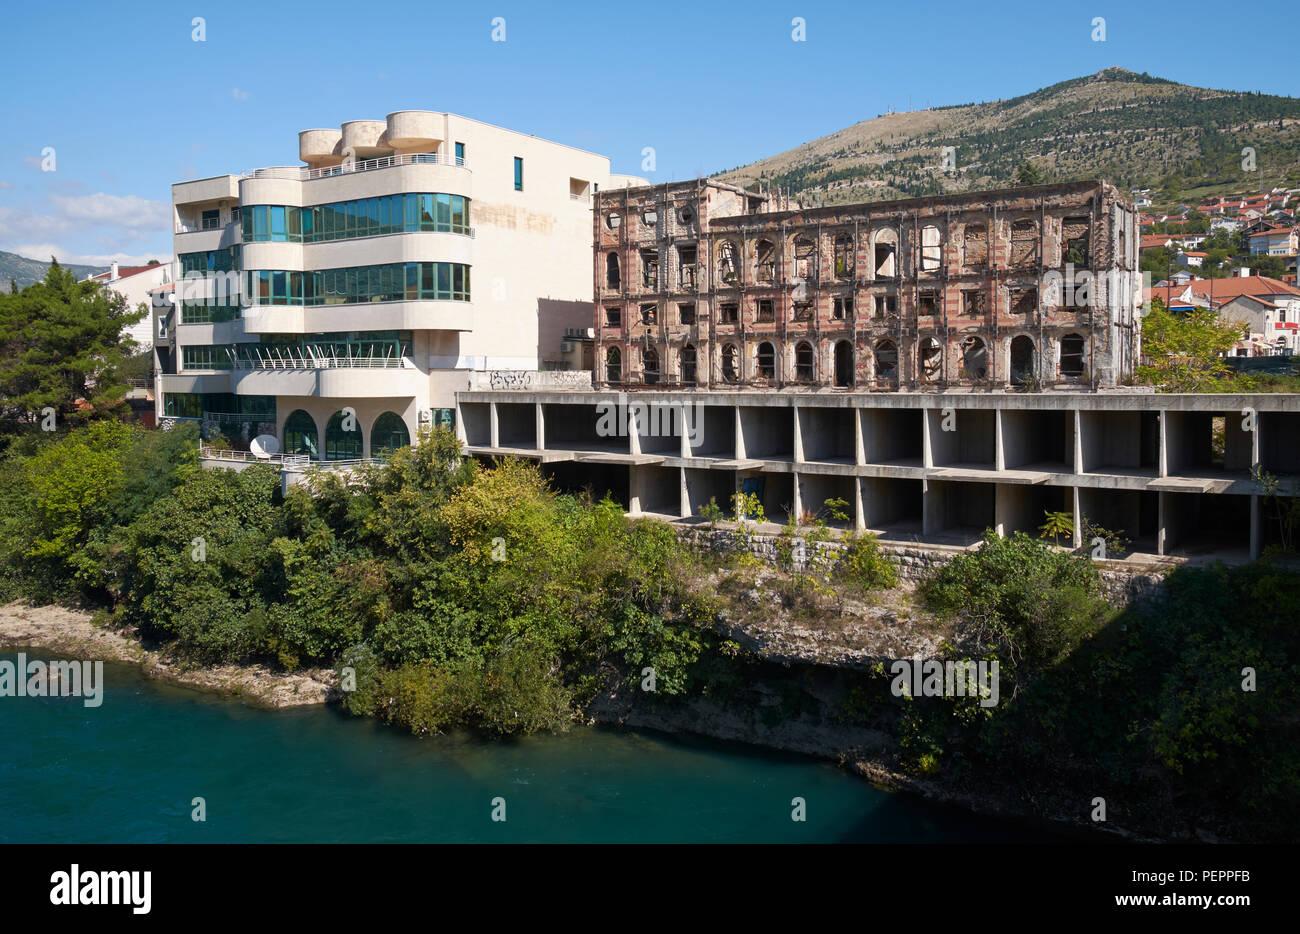 """The ruins of the Hotel Neretva, nicknamed """"Tito's palace"""", at Mostar, Bosnia and Herzegovina. Stock Photo"""